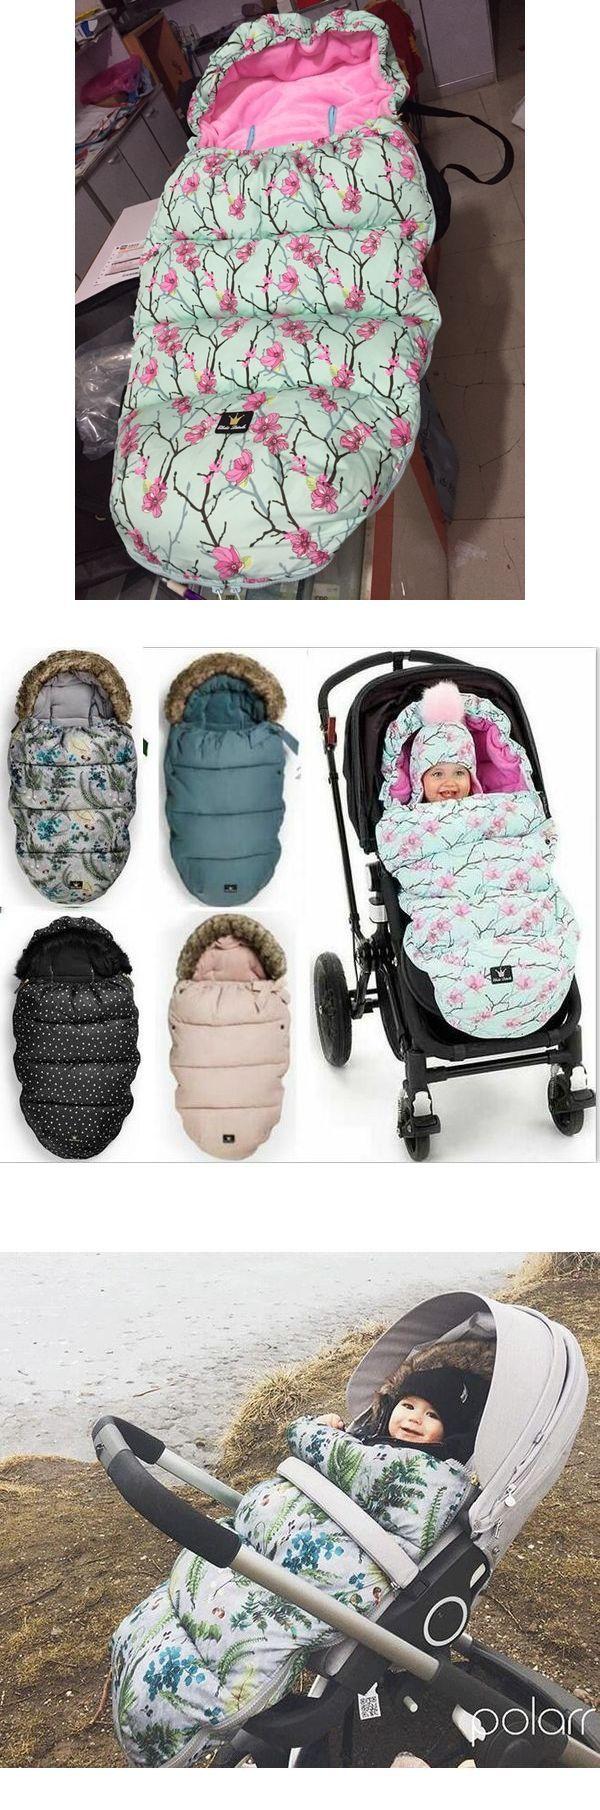 Elodie Details Baby stroller down sleeping bag stroller